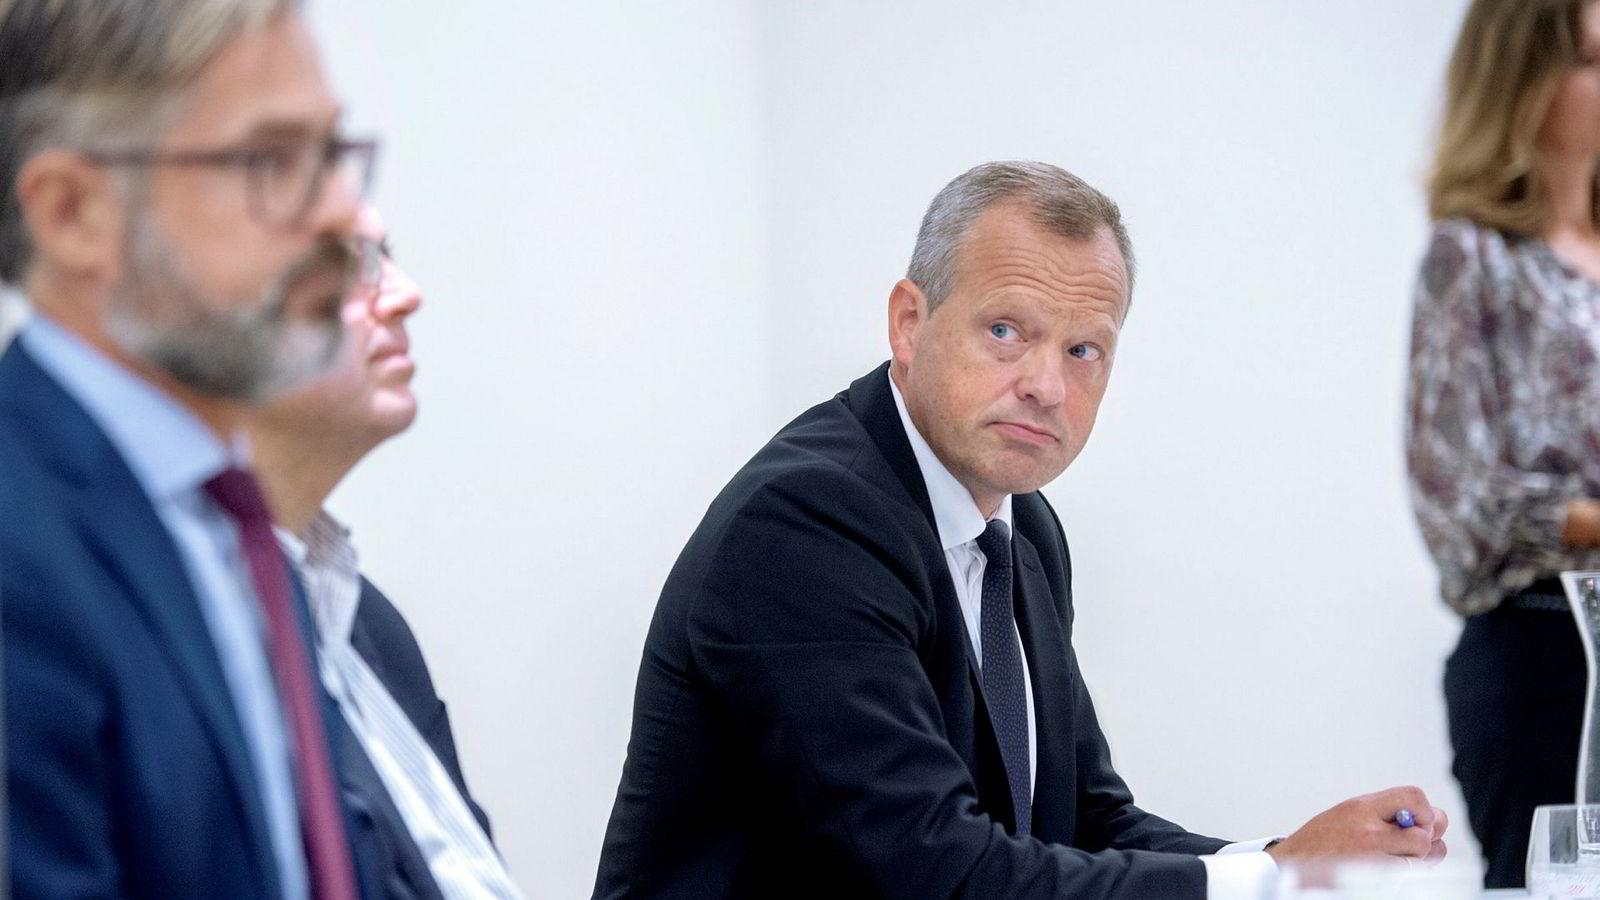 Bahr-partner Stig Bech gikk fredag av som styreleder i Boligbygg. Han sier avgangen kun er knyttet til at han fra nyttår får ny jobb som sjef i Solon Eiendom. Her fra fremleggelsen av Boligbygg-granskningen.